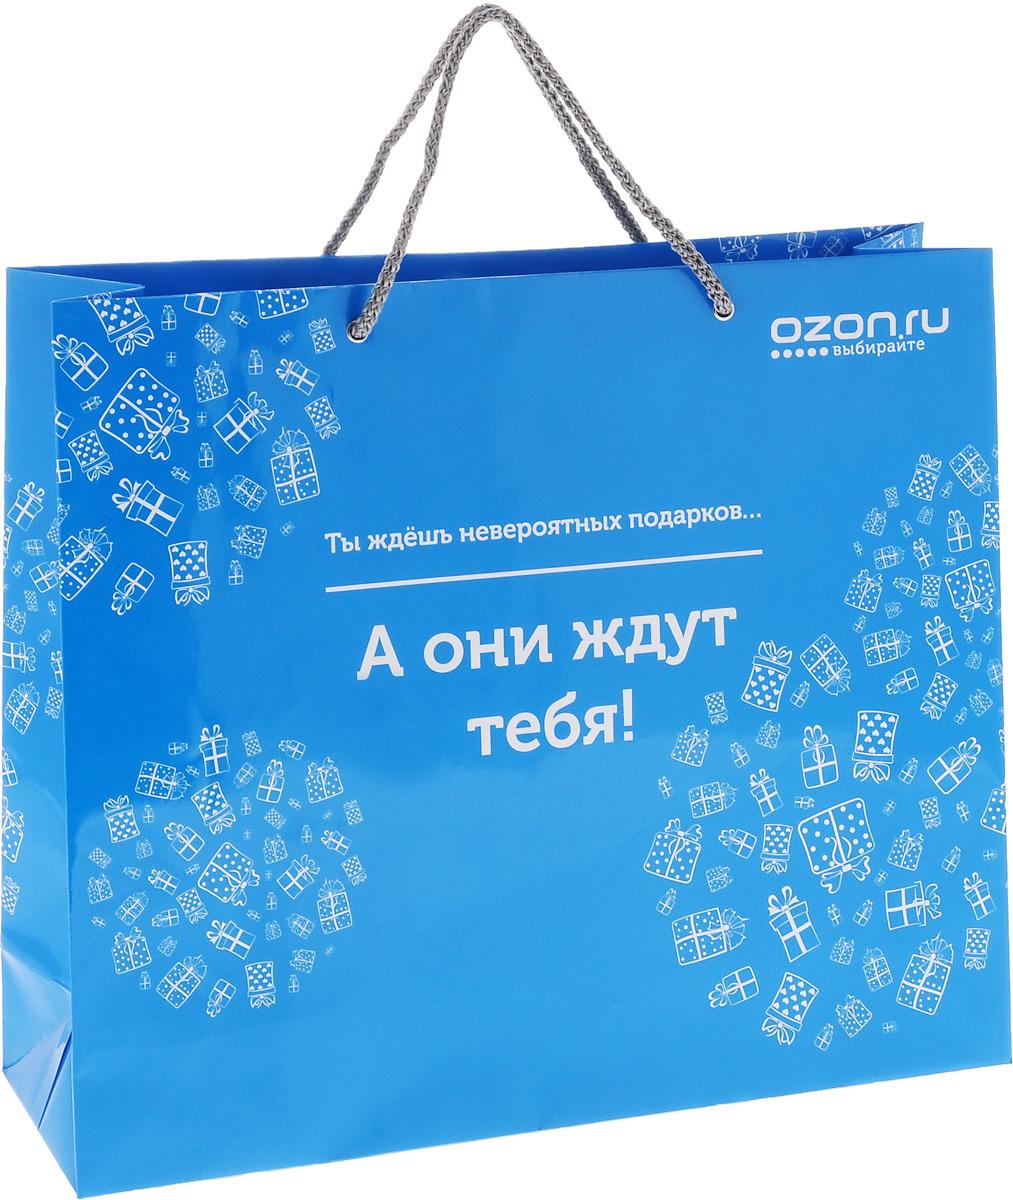 Пакет подарочный OZON.ru Ты ждешь невероятных подарков... А они ждут тебя!, 36 х 31 х 10 смУФ-00000929Пакет подарочный OZON.ru Ты ждешь невероятных подарков, а они ждут тебя, изготовленный из ламинированной бумаги, станет незаменимым дополнением к выбранному подарку. Дно изделия укреплено плотным картоном, который позволяет сохранить форму пакета и исключает возможность деформации дна под тяжестью подарка. Для удобной переноски предусмотрены два шнурка.Подарок, преподнесенный в оригинальной упаковке, всегда будет самым эффектным и запоминающимся. Окружите близких людей вниманием и заботой, вручив презент в нарядном, праздничном оформлении.